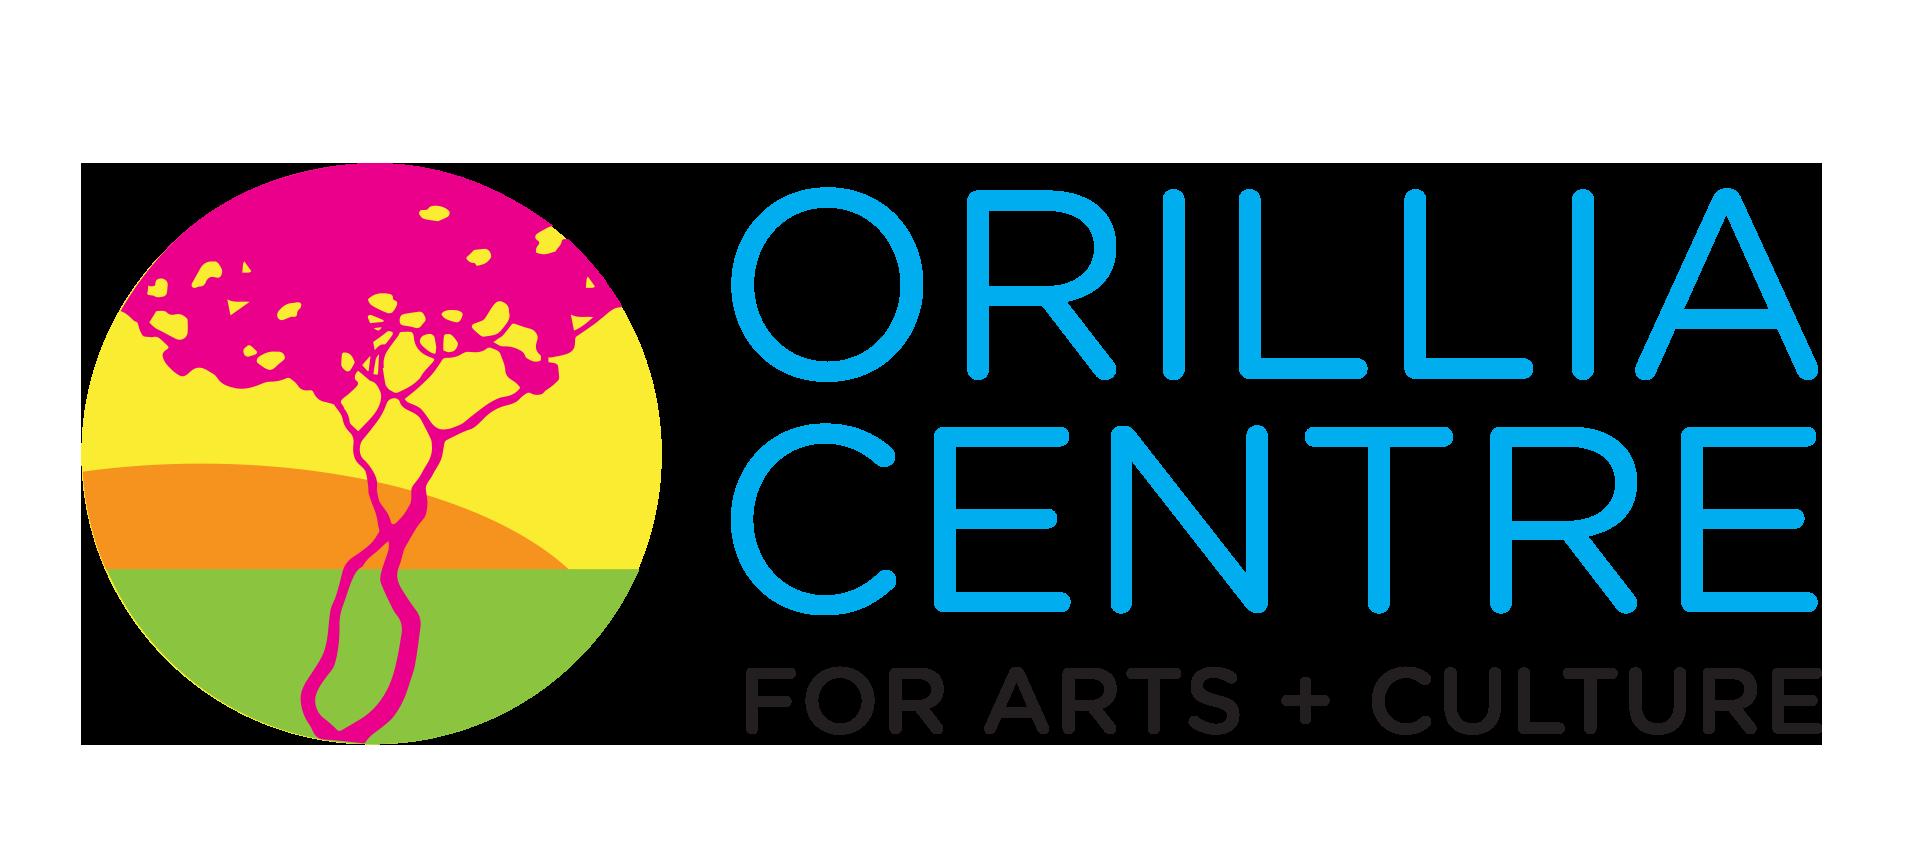 ORILLIA CENTRE FOR ARTS & HISTORY